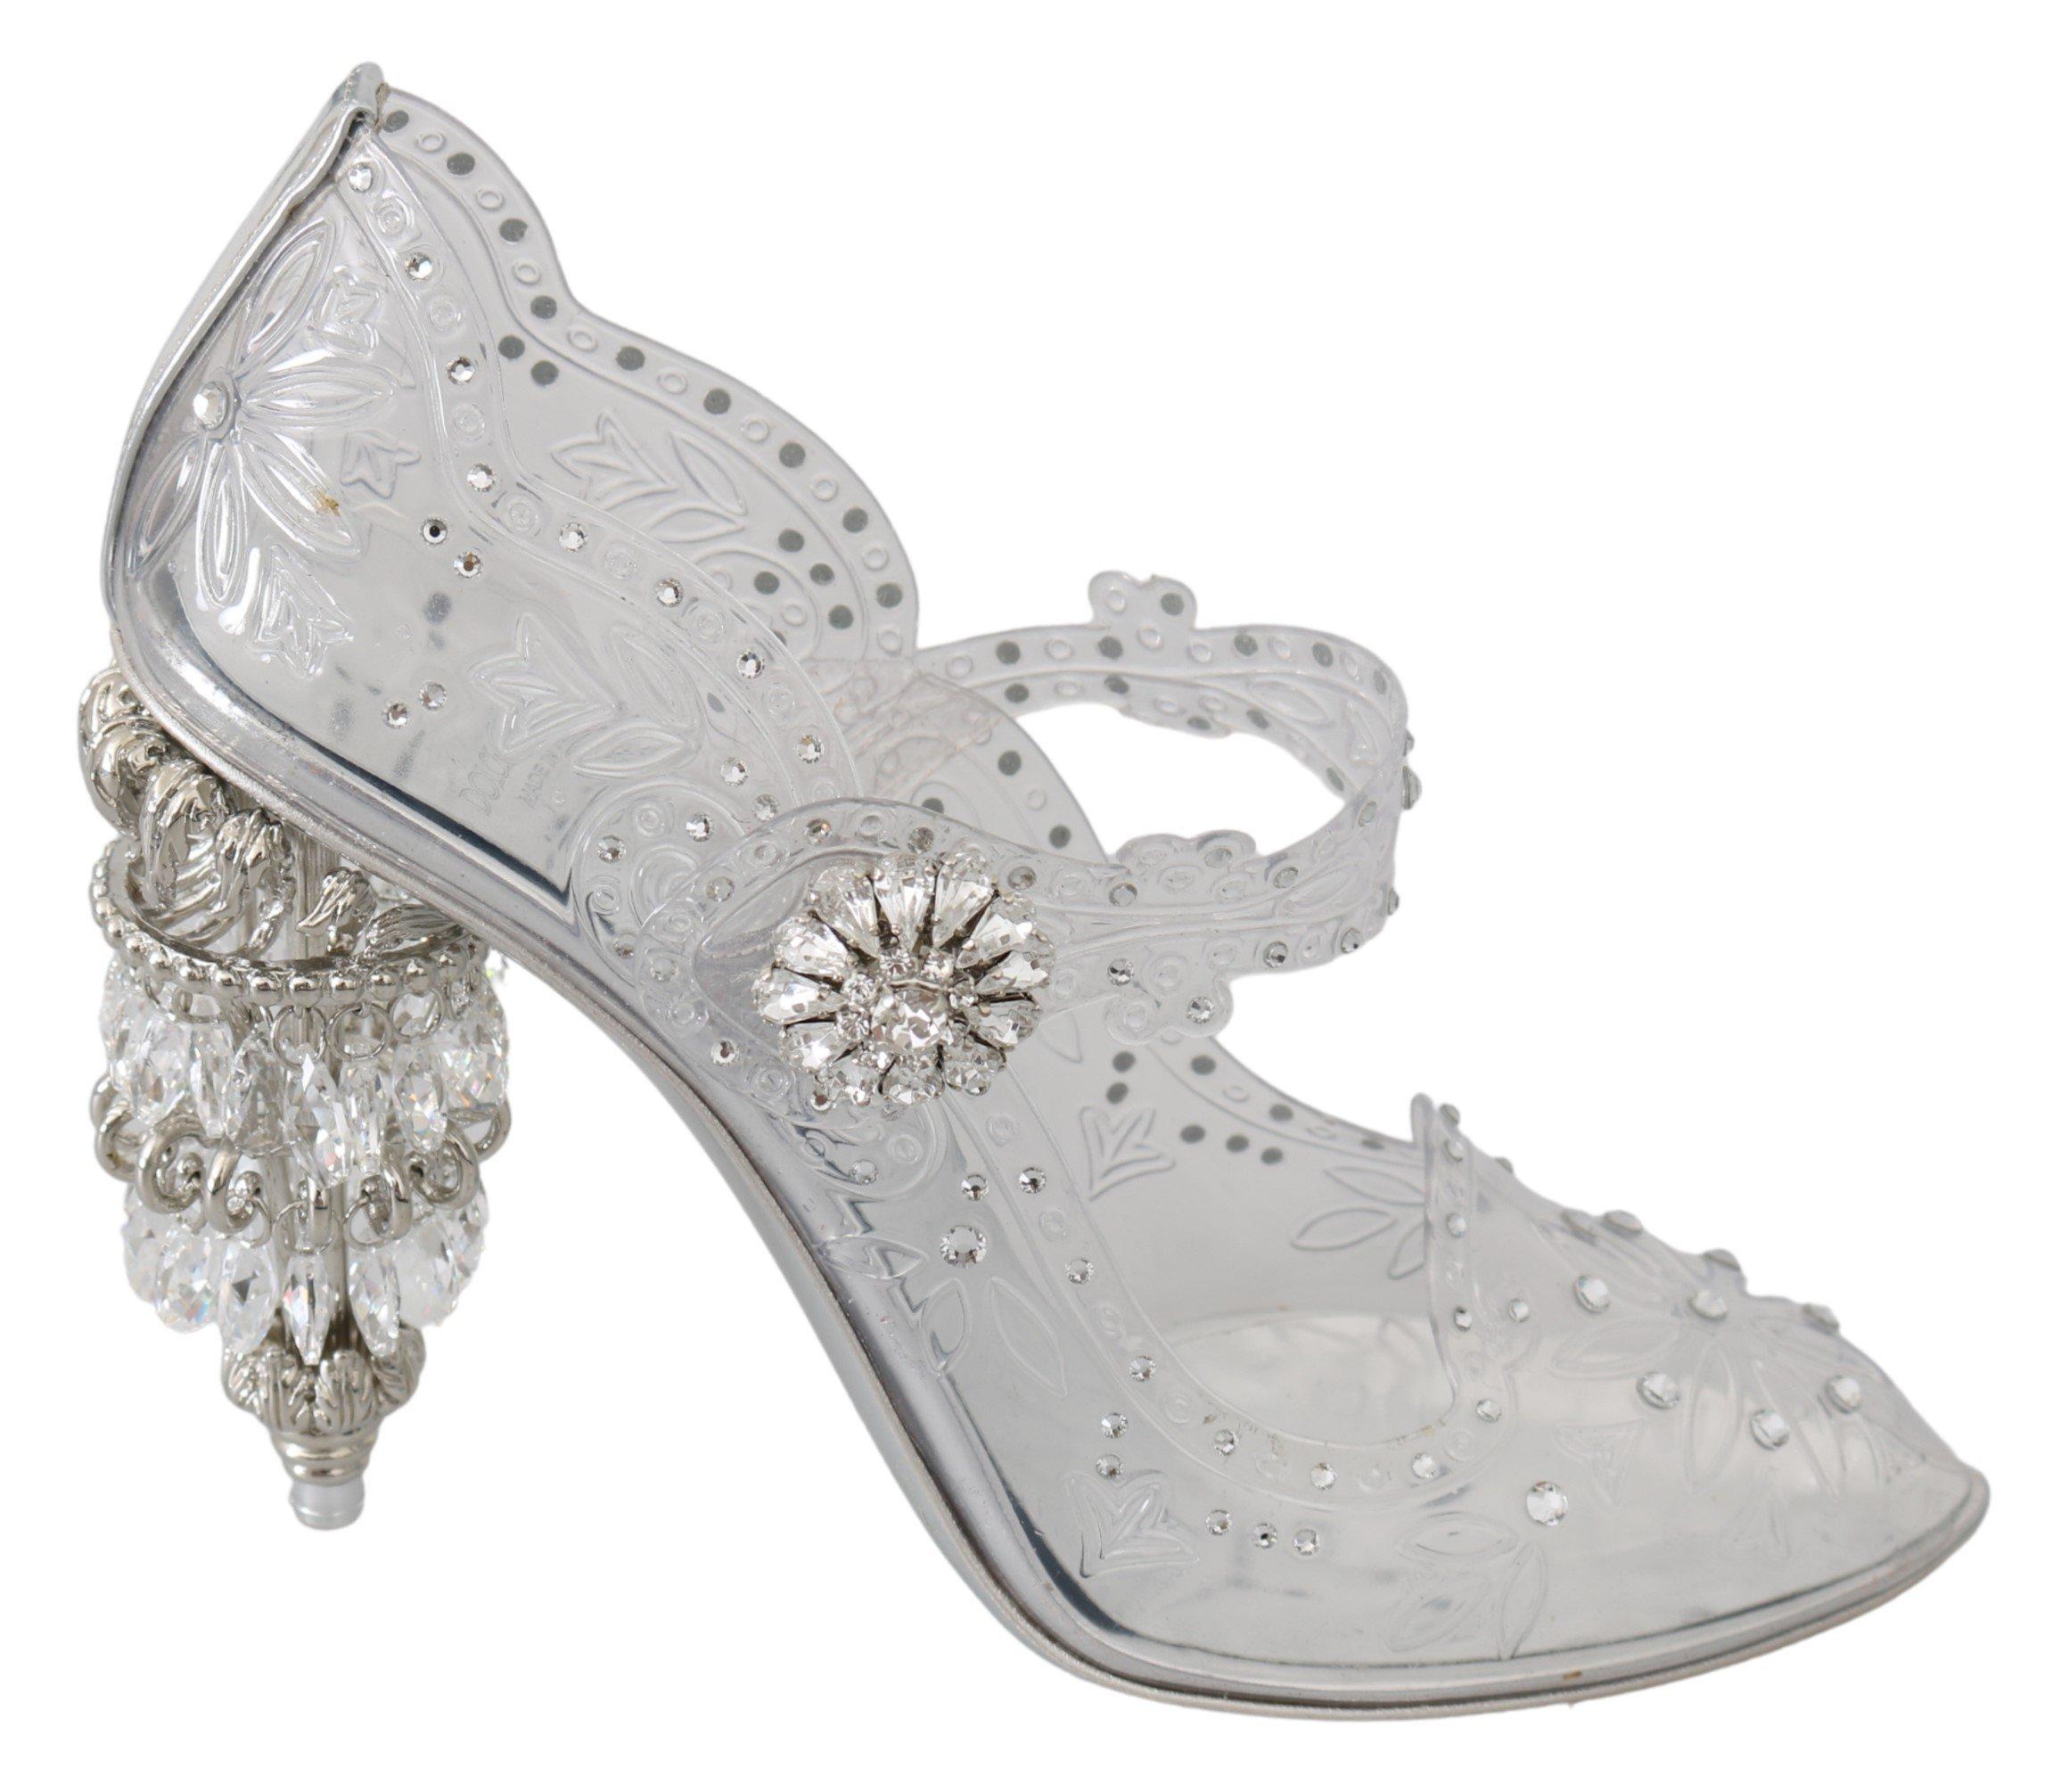 Dolce & Gabbana Women's Crystal CINDERELLA Pumps Transparent LA7524 - EU40/US9.5